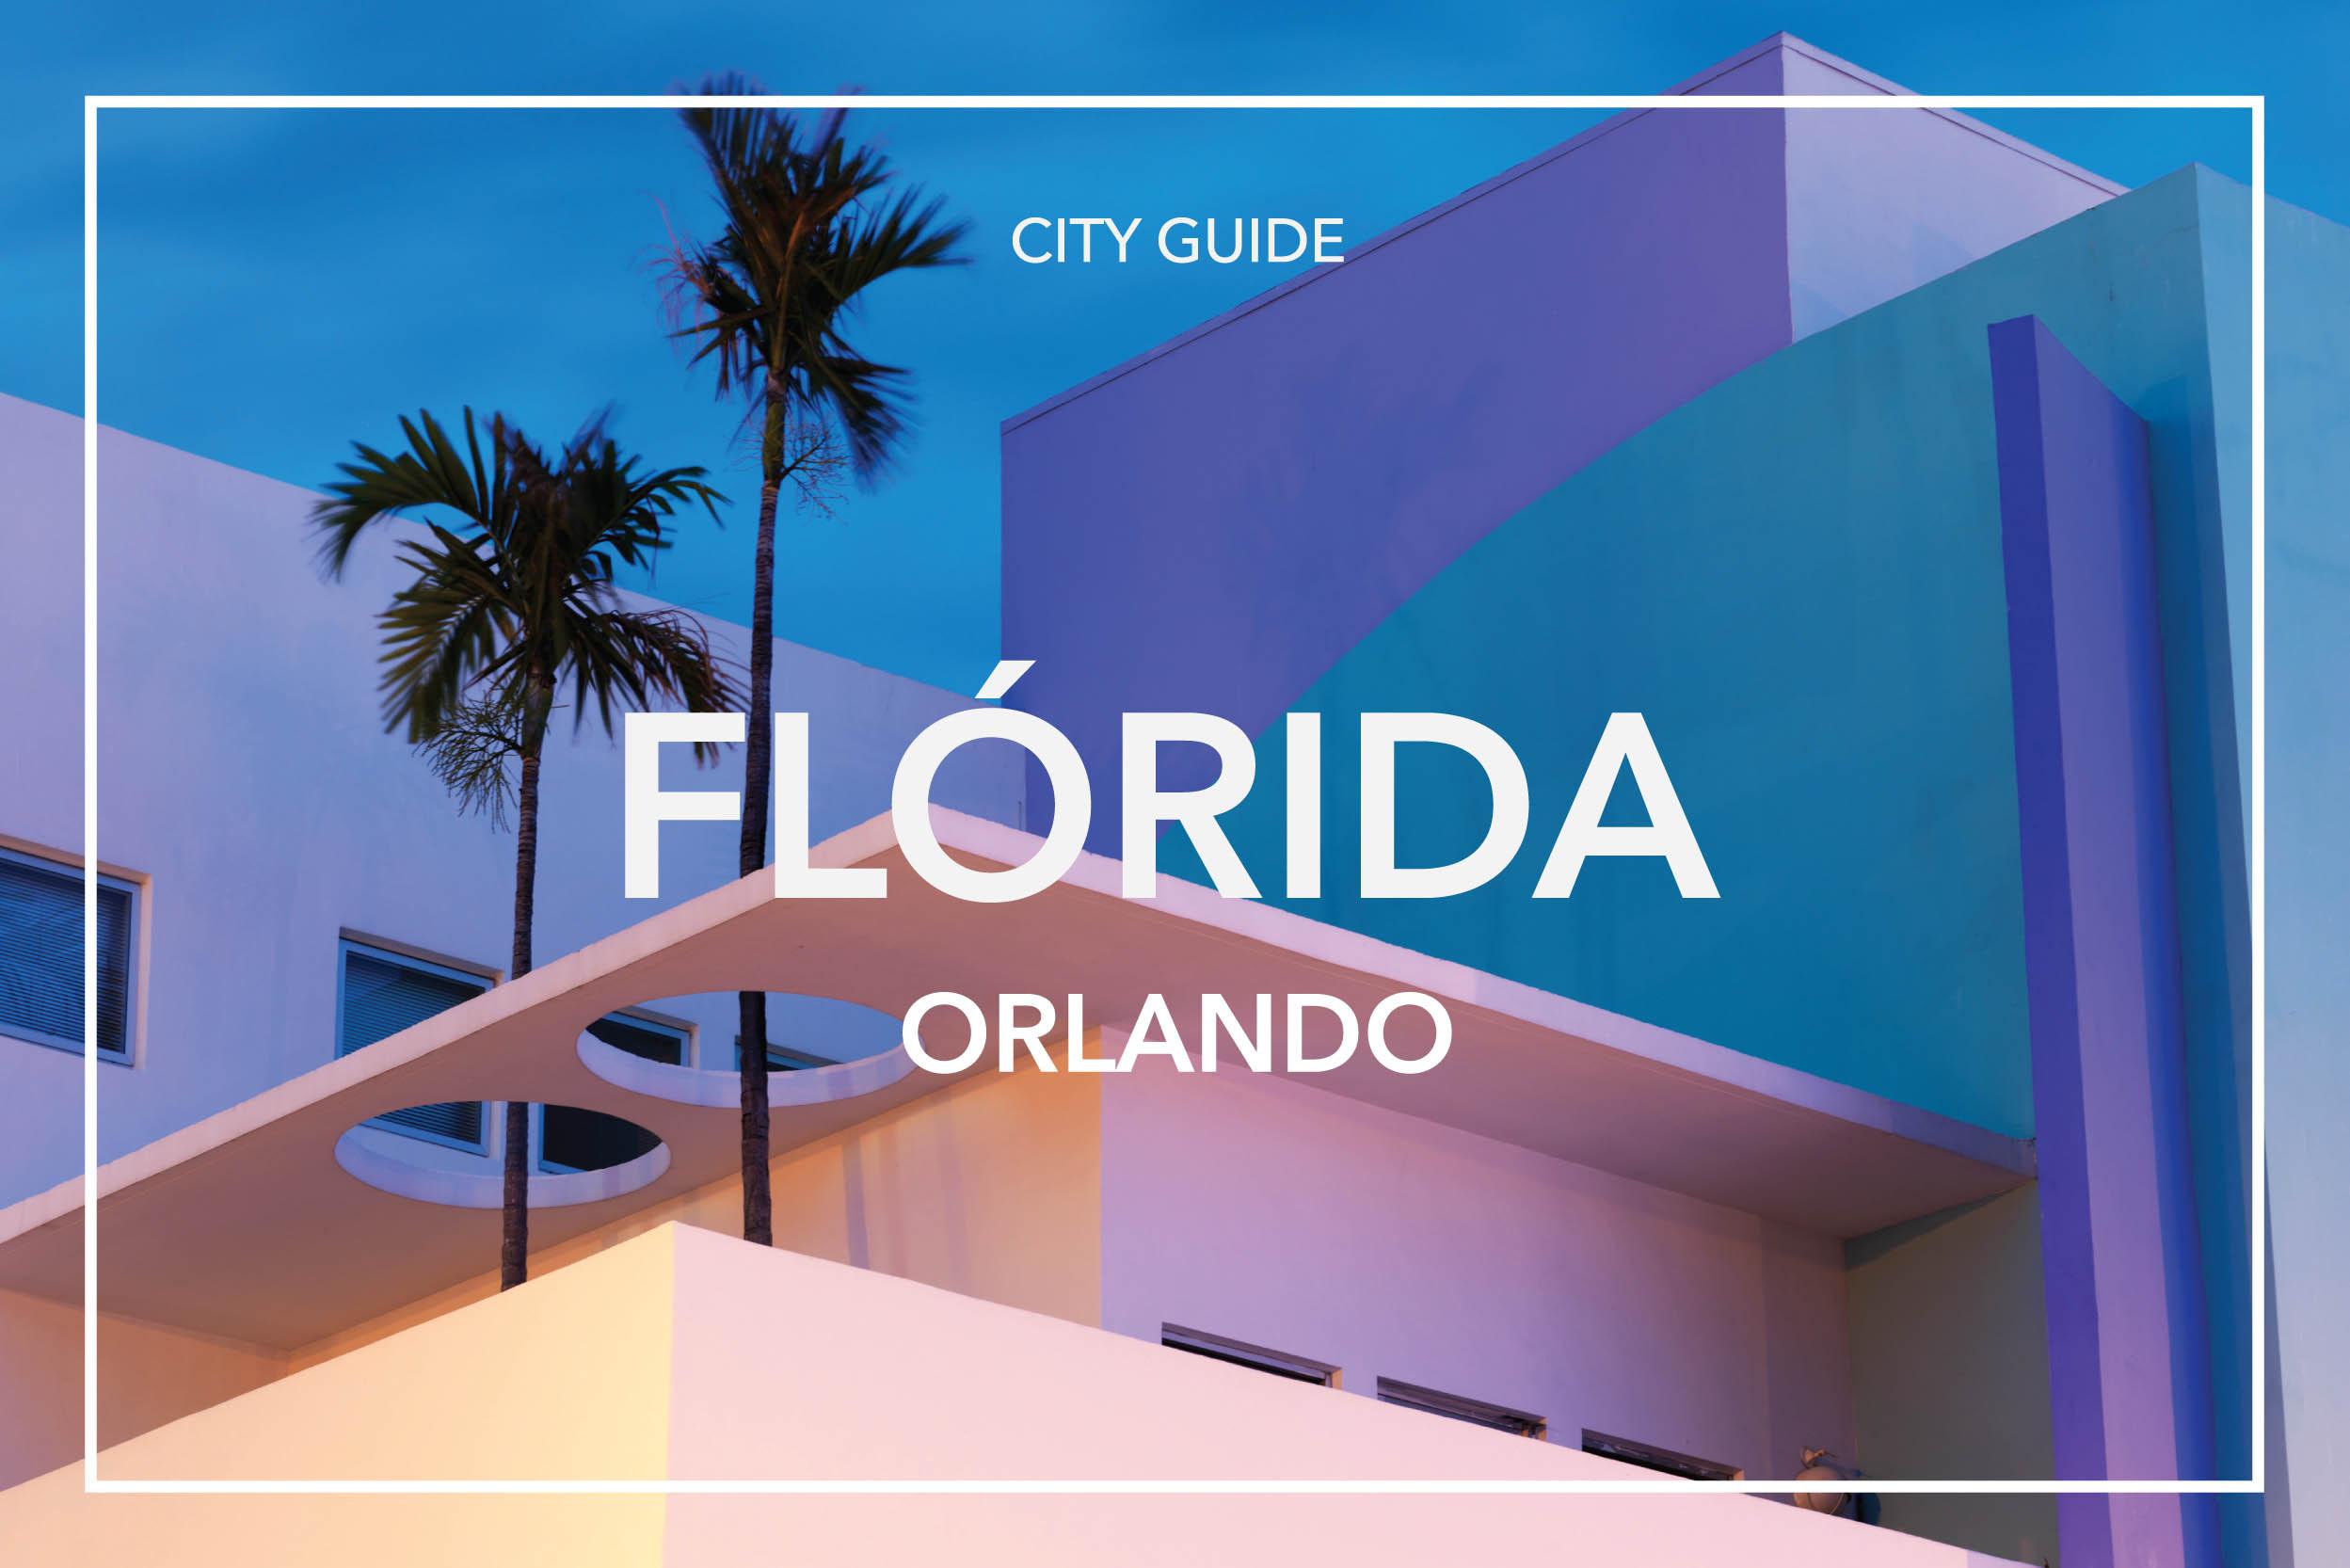 CITYGUIDE_FLORIDA_FRAME_ORLANDO